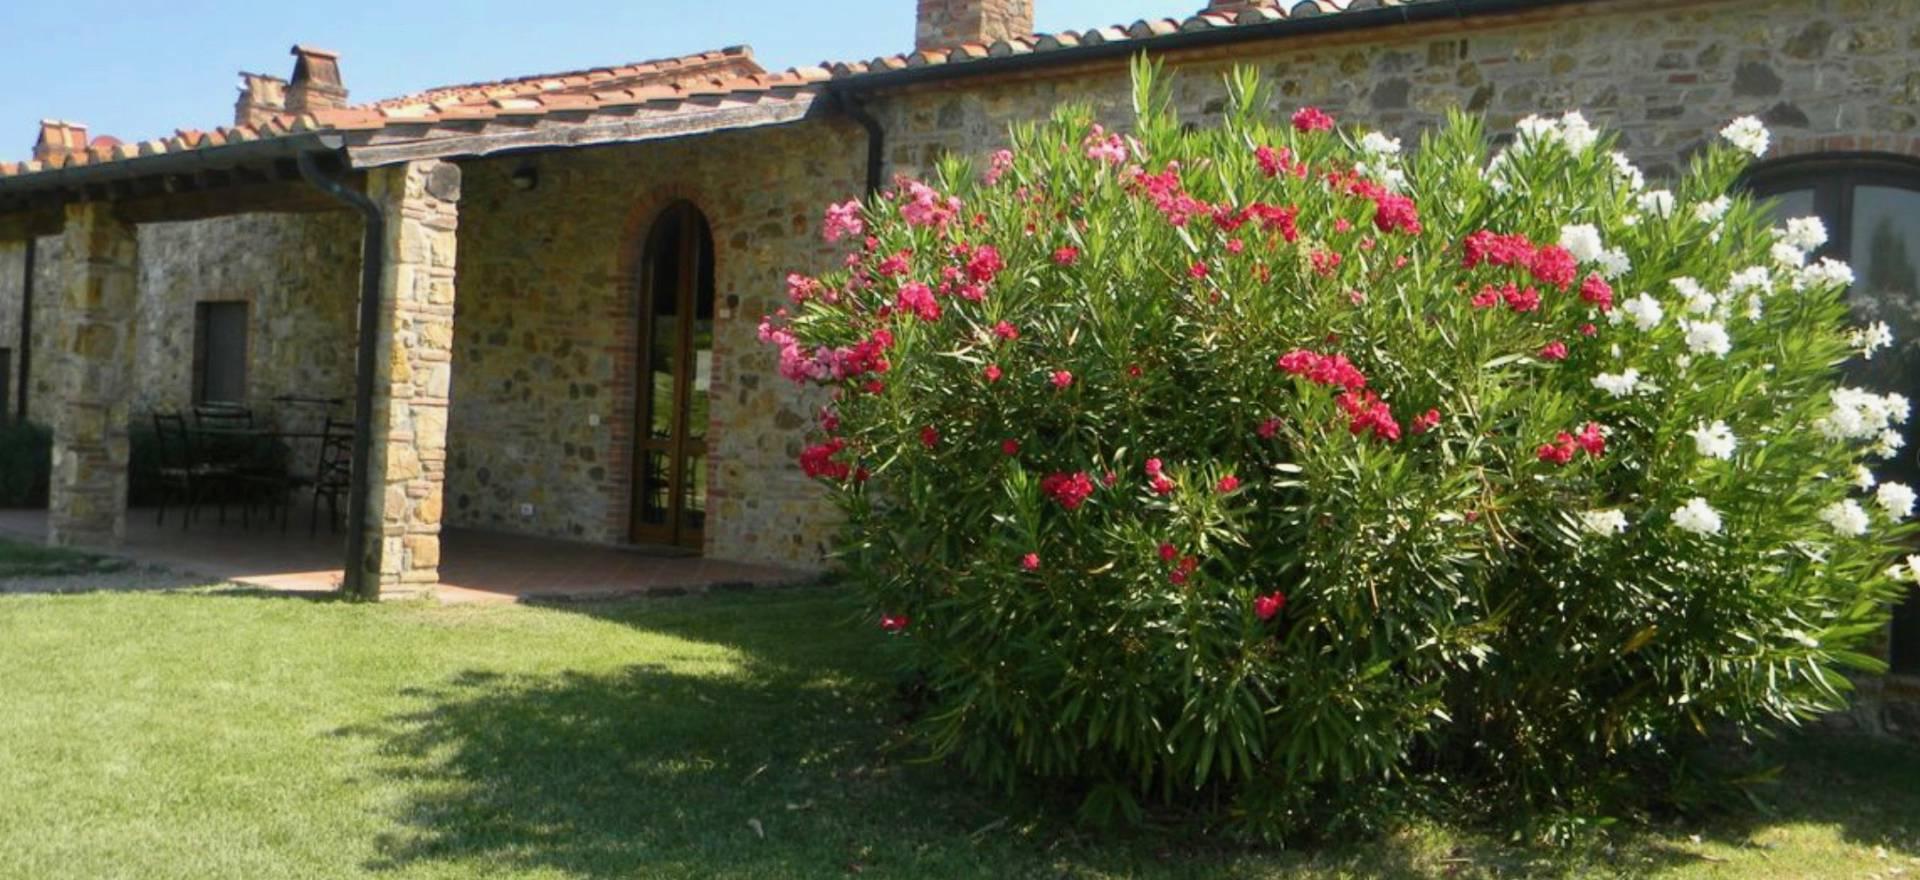 Agriturismo Toscane, rustig en landelijk gelegen